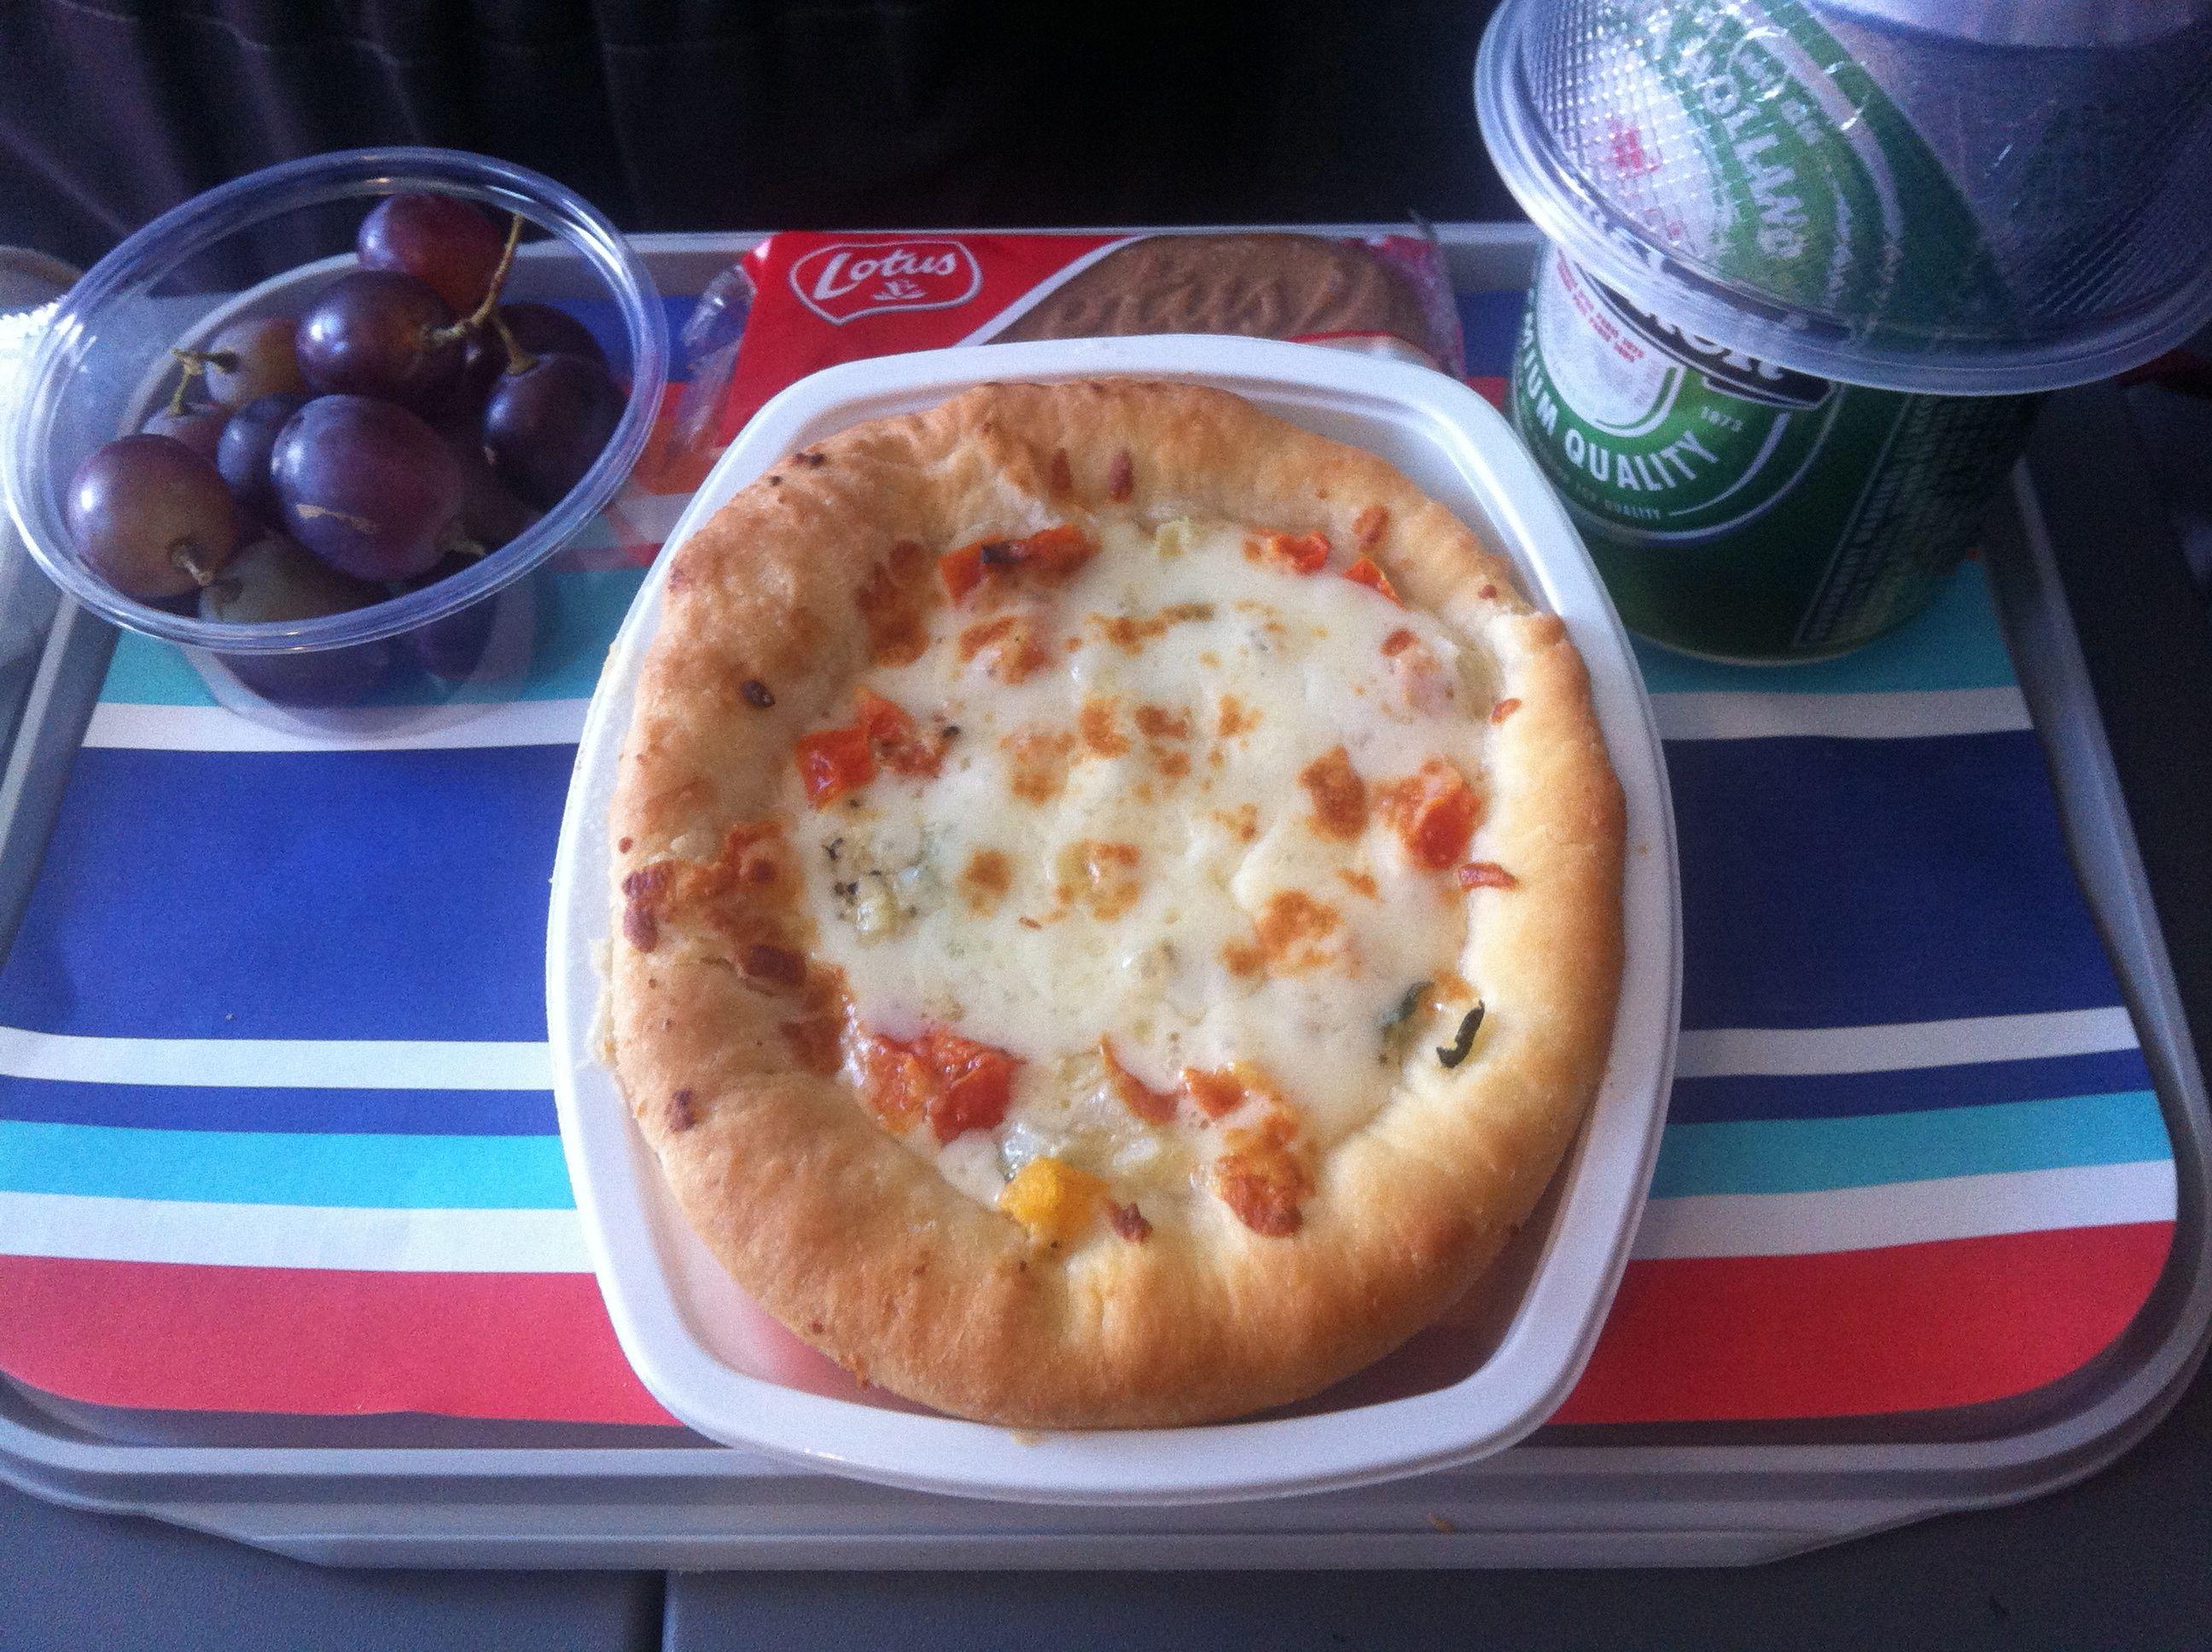 Ein Teigfladen, der vage an eine Pizza erinnert